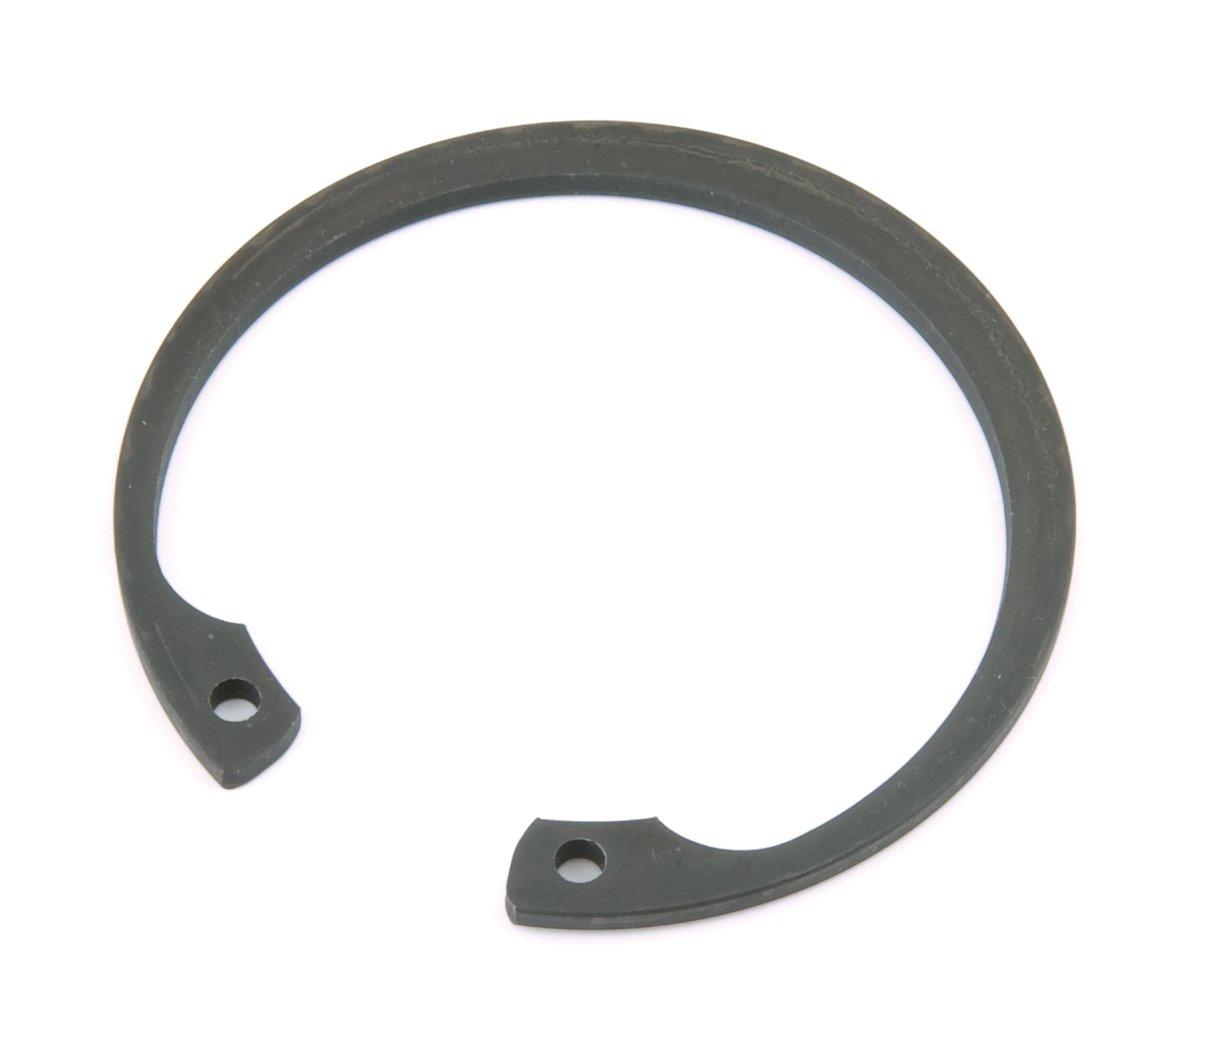 Generic XPR25M-25PK 47mm Internal Retaining Ring 25-Pack